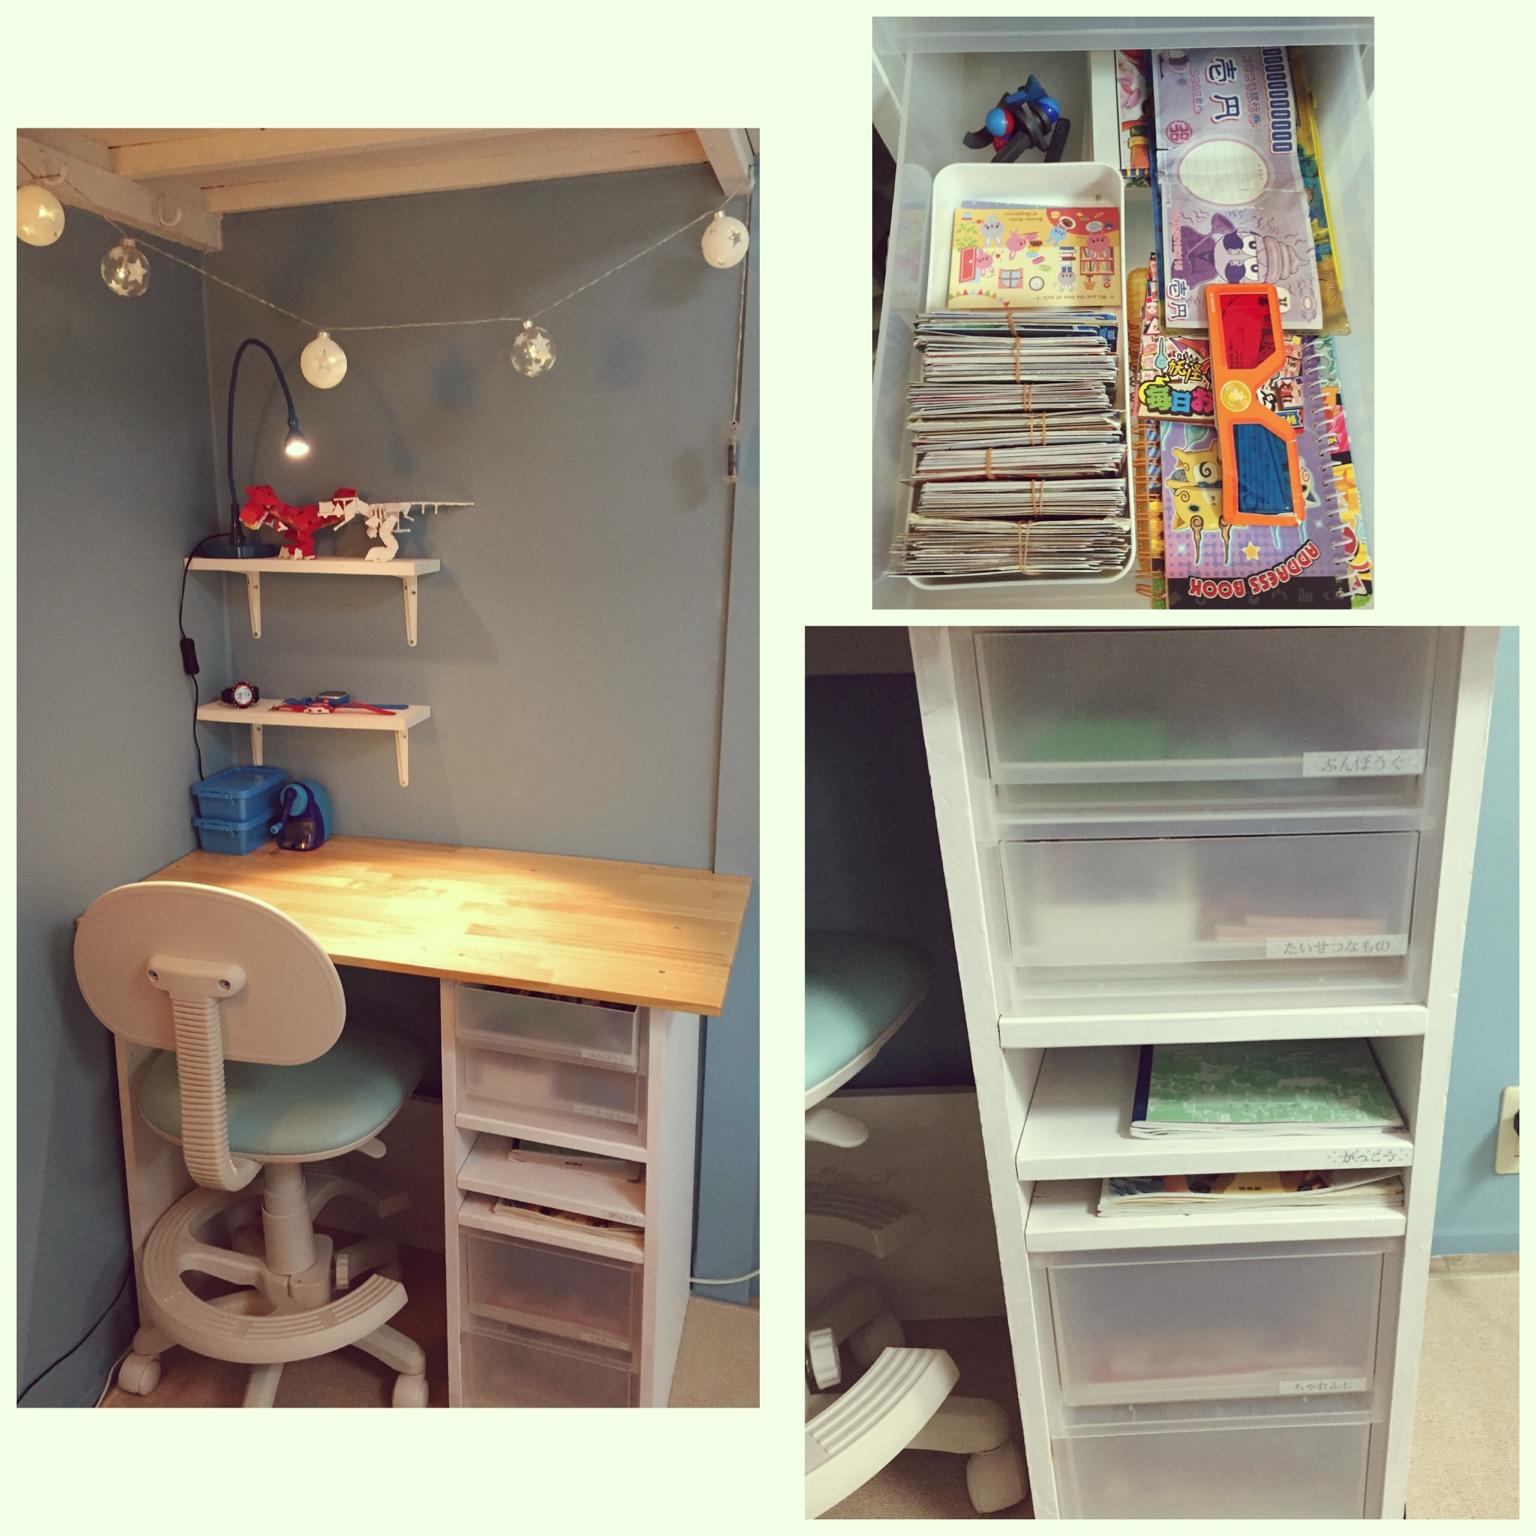 愛情たっぷり♡わが子仕様の学習机。収納力もばっちりです! by kusuttoさん